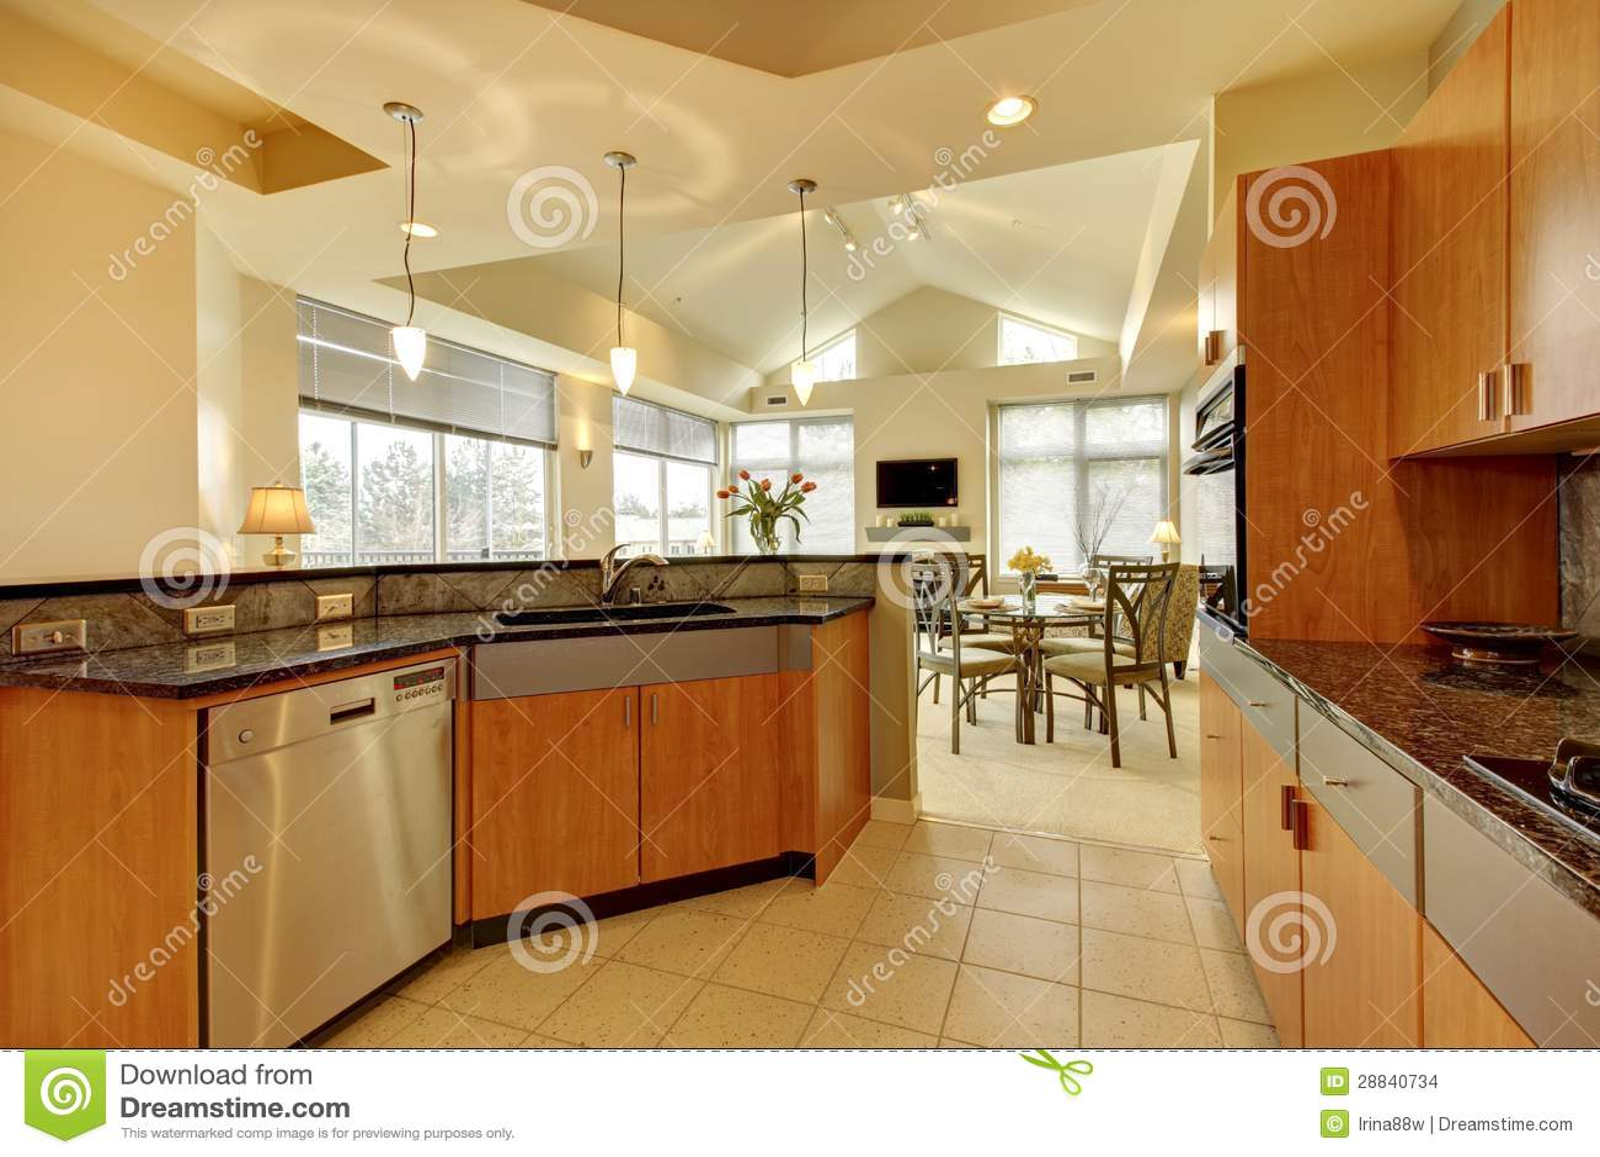 Grote moderne houten keuken met woonkamer en hoog plafond stock foto afbeelding 28840734 - Moderne keuken en woonkamer ...